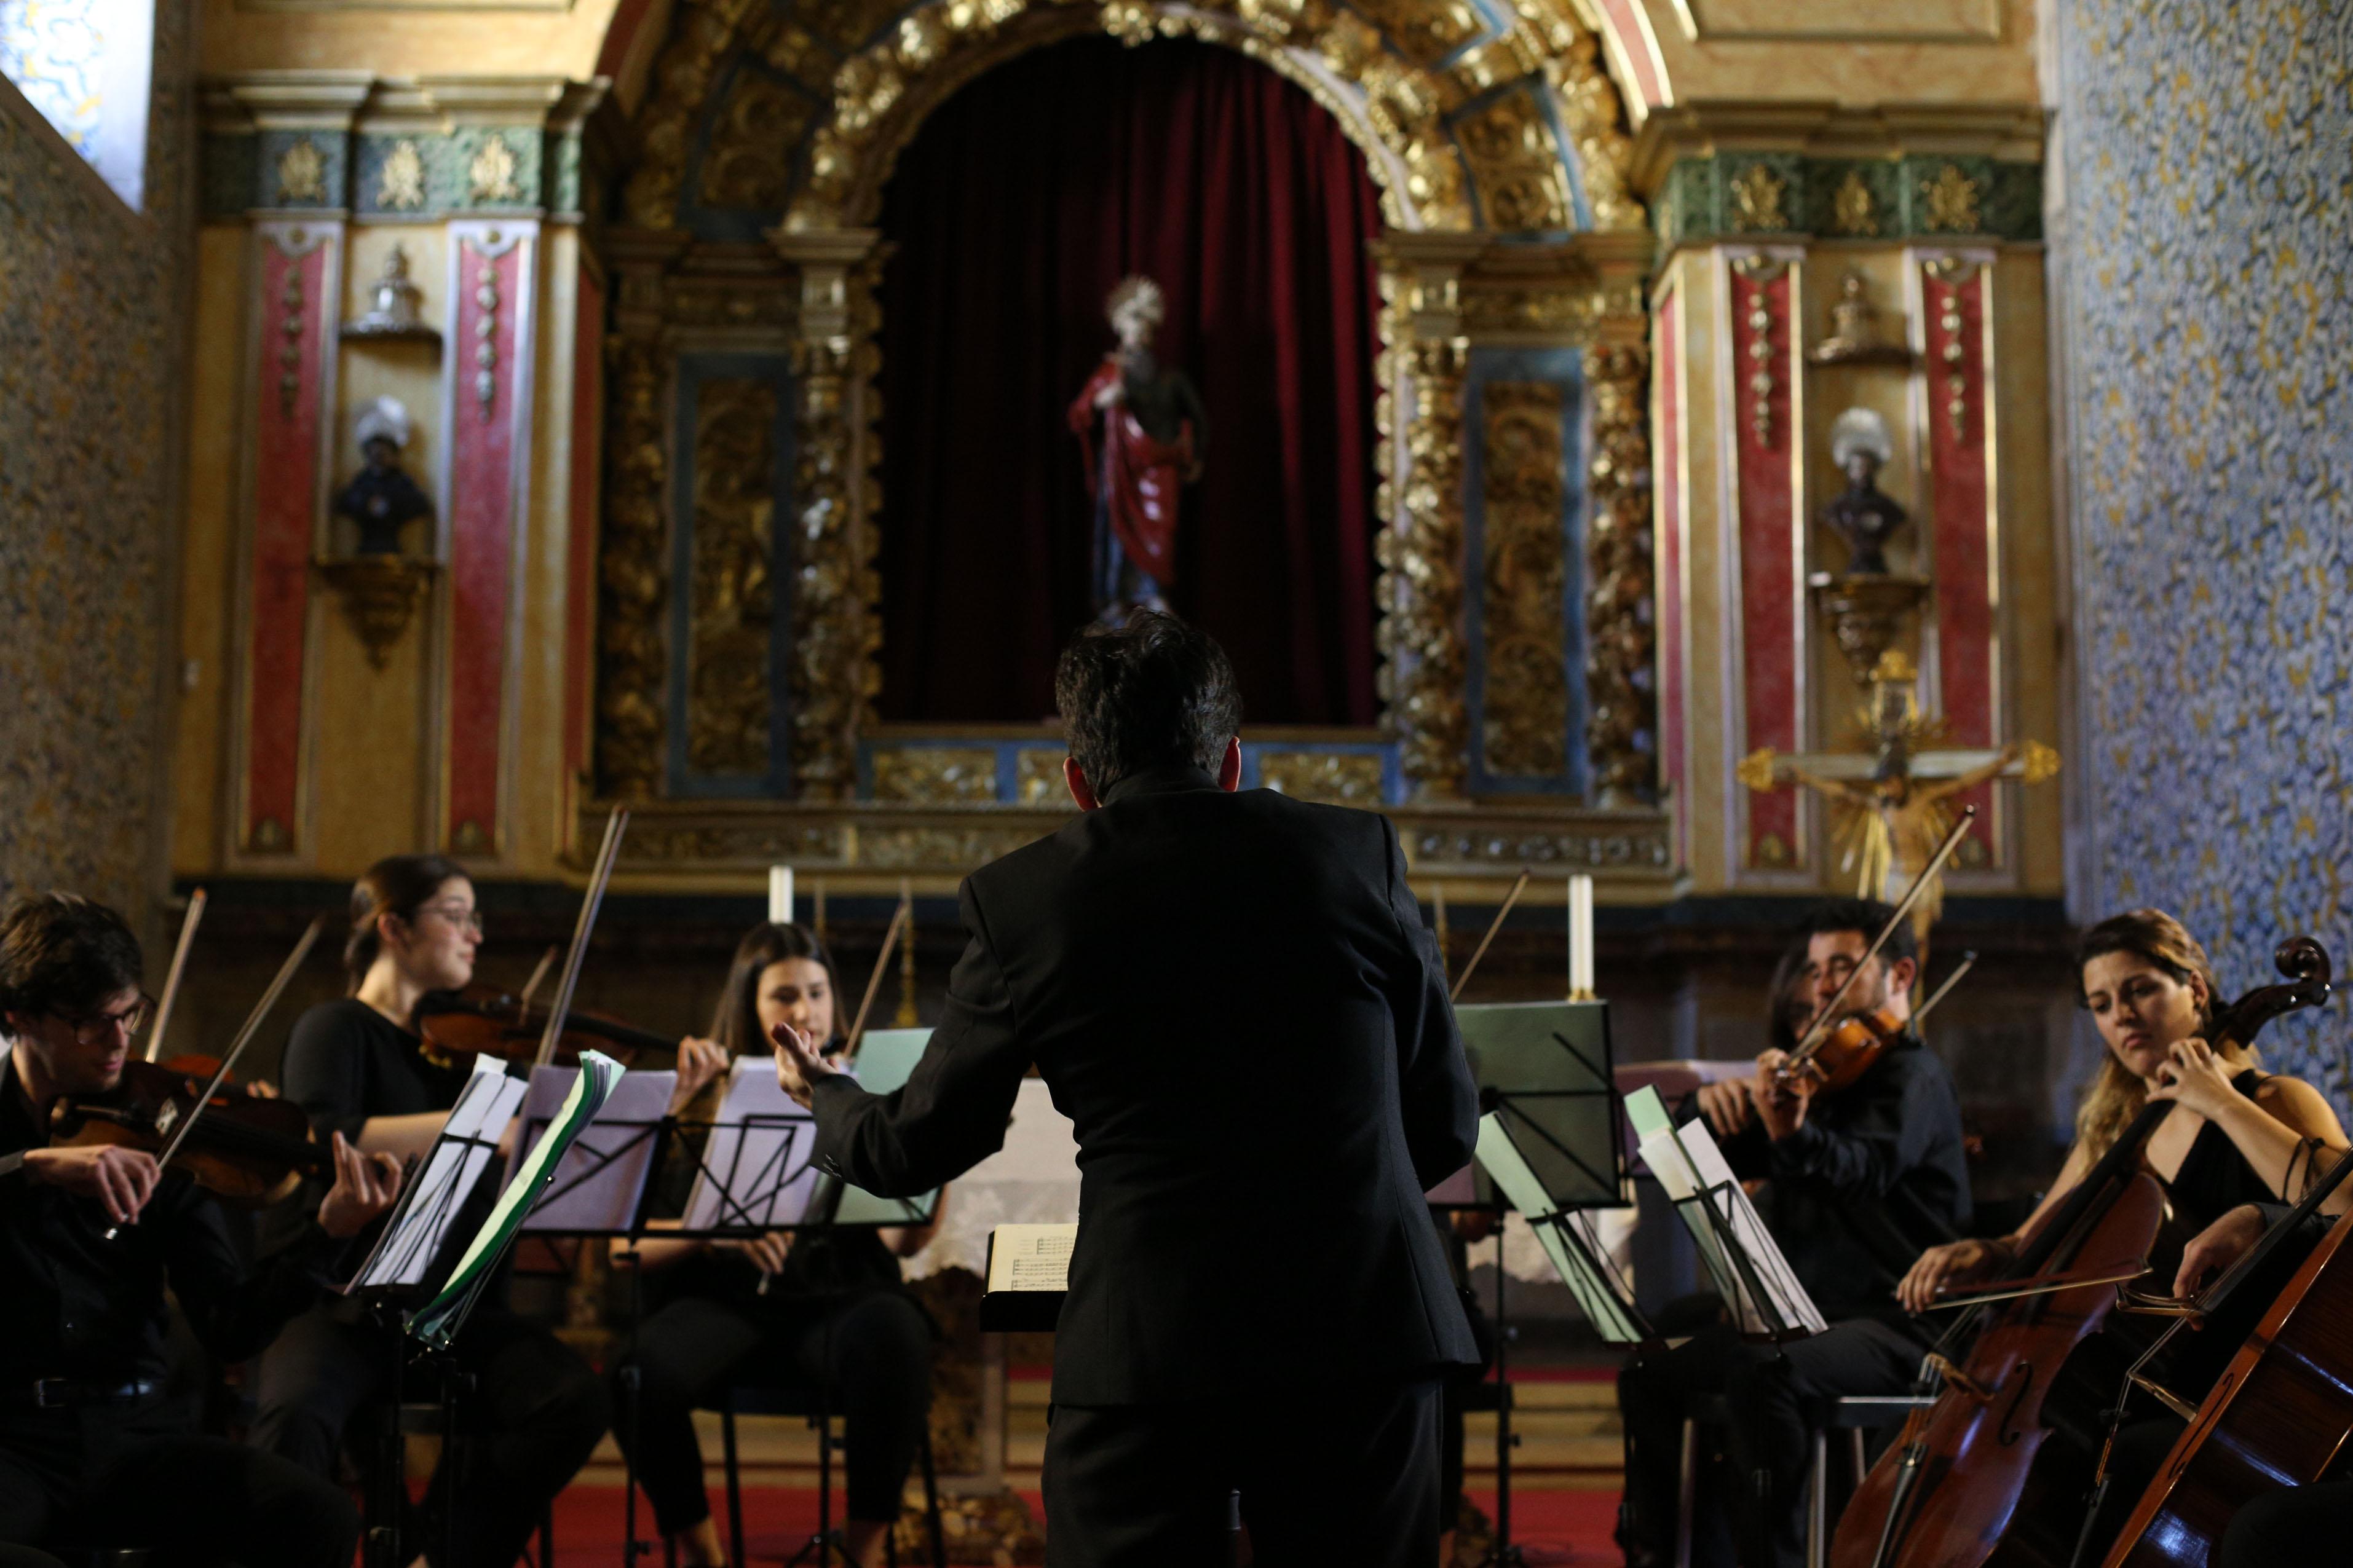 Concert in Azeitao